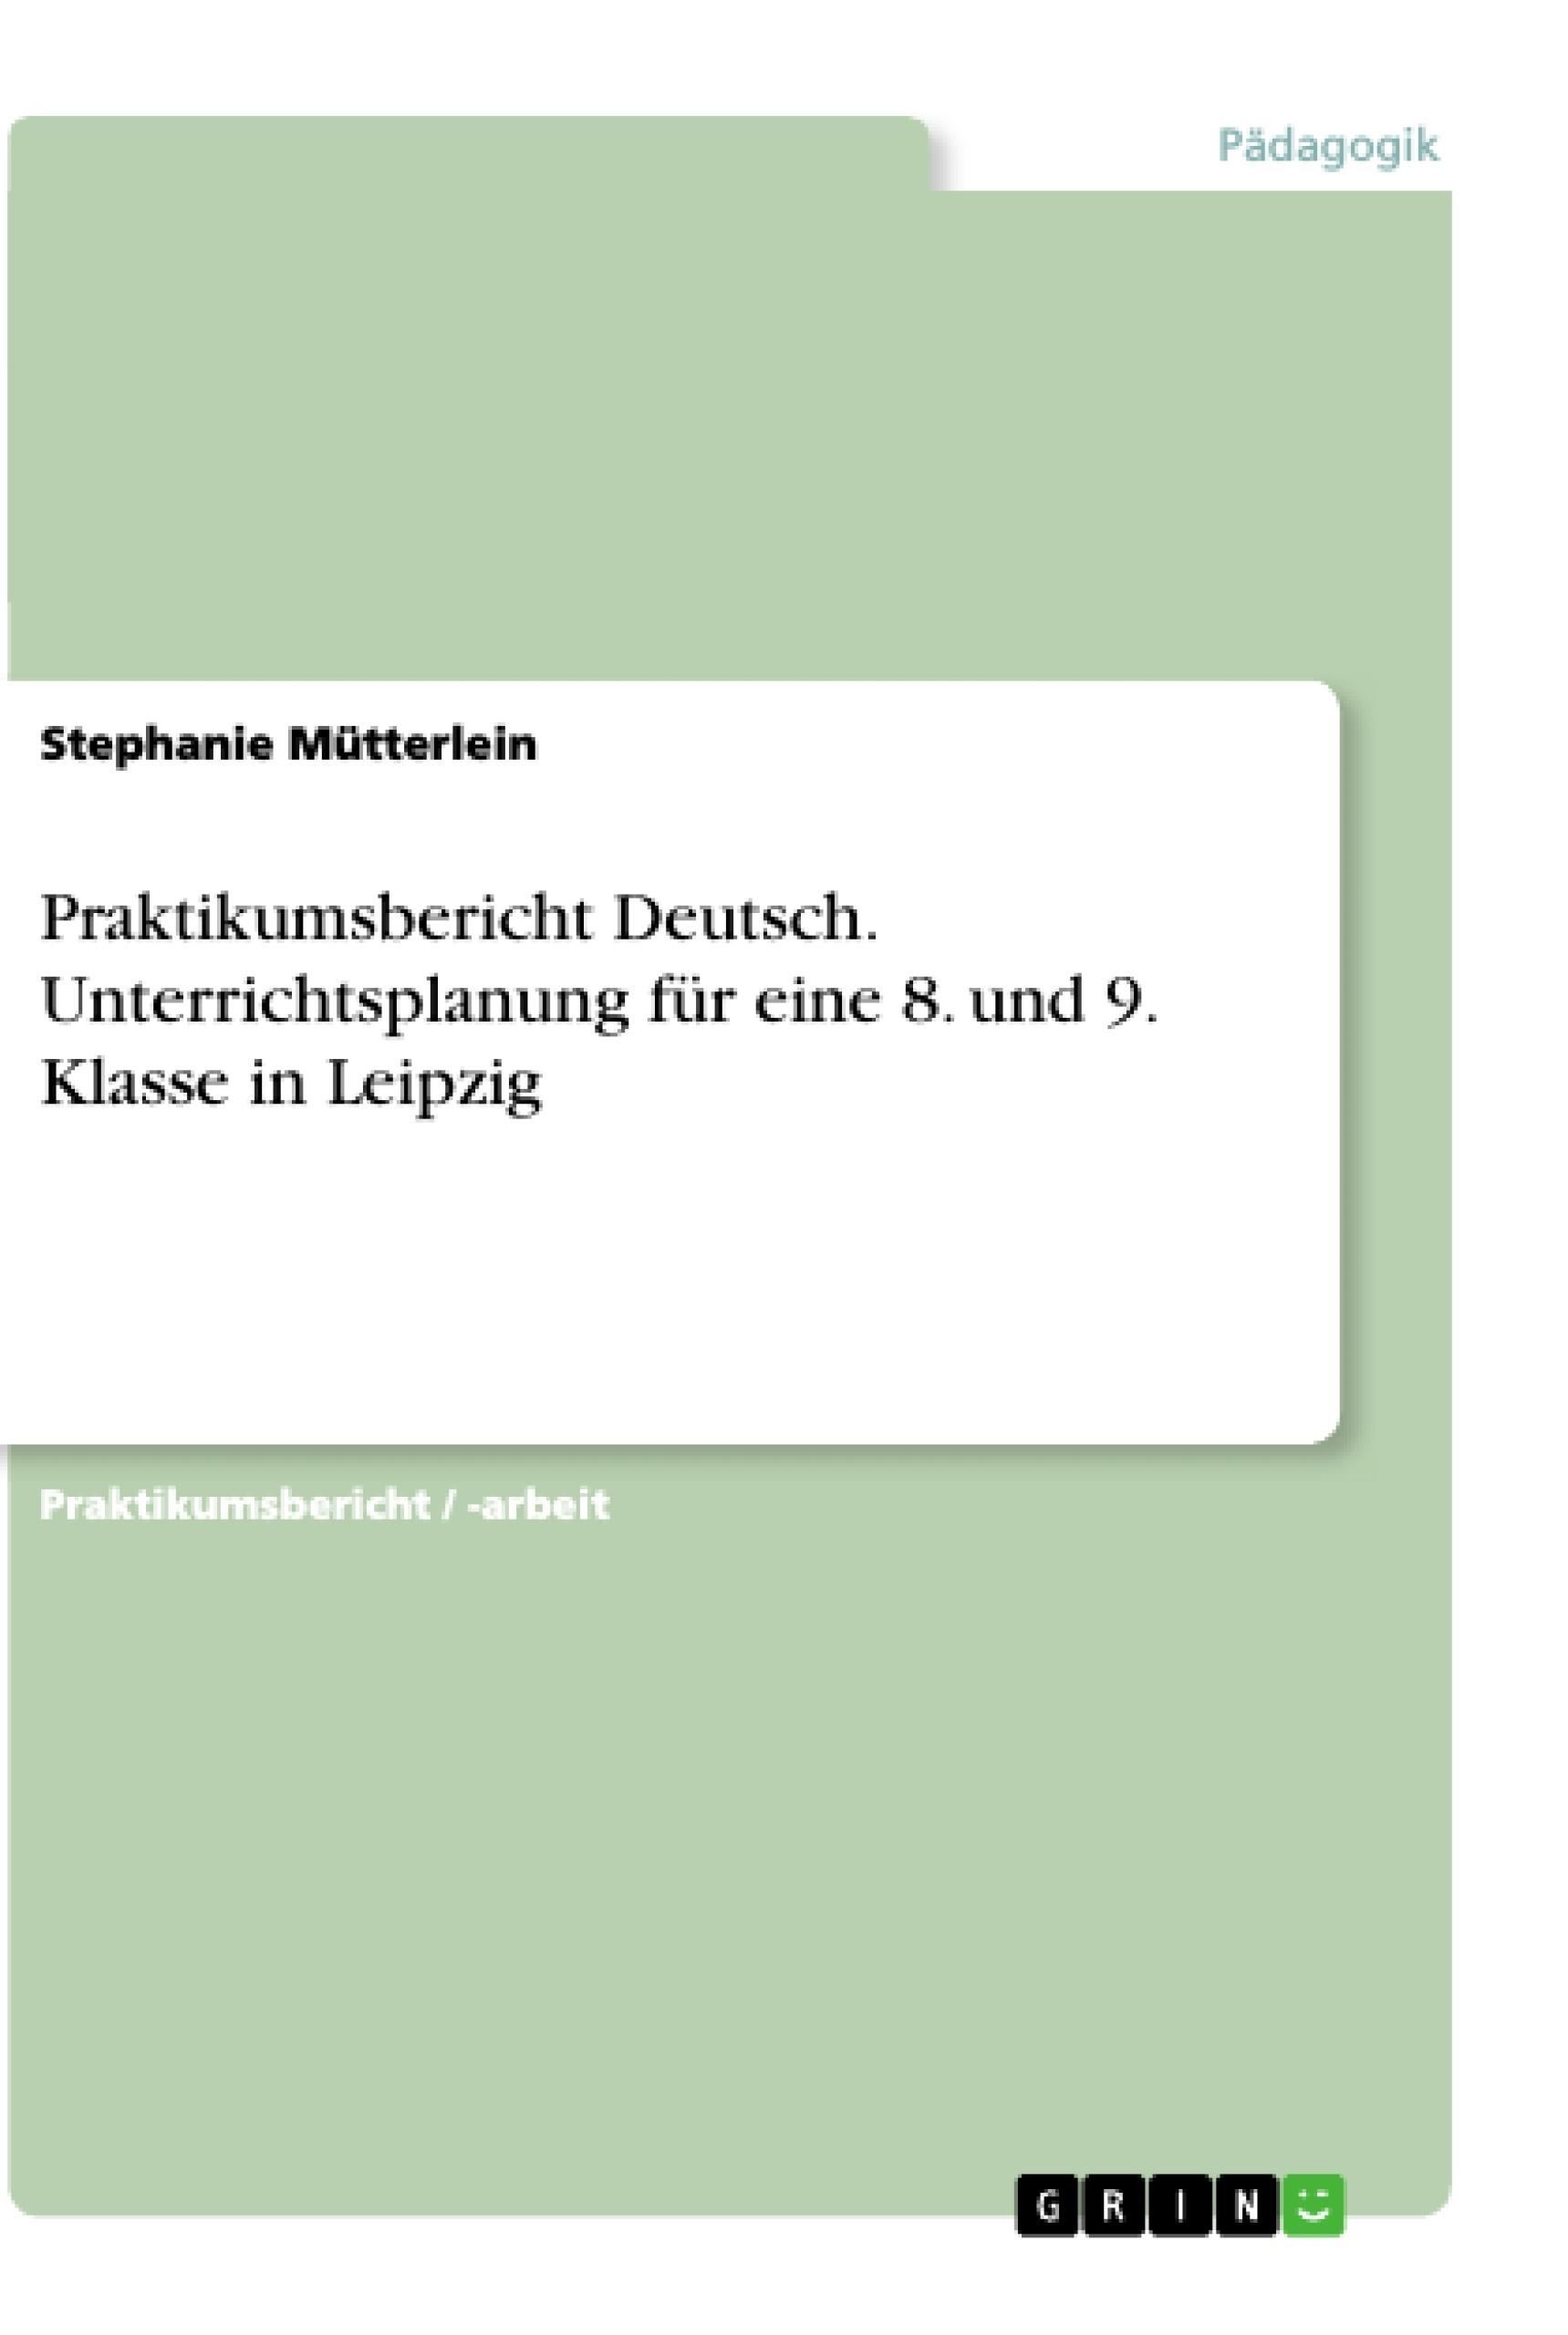 Titel: Praktikumsbericht Deutsch. Unterrichtsplanung für eine 8. und 9. Klasse in Leipzig